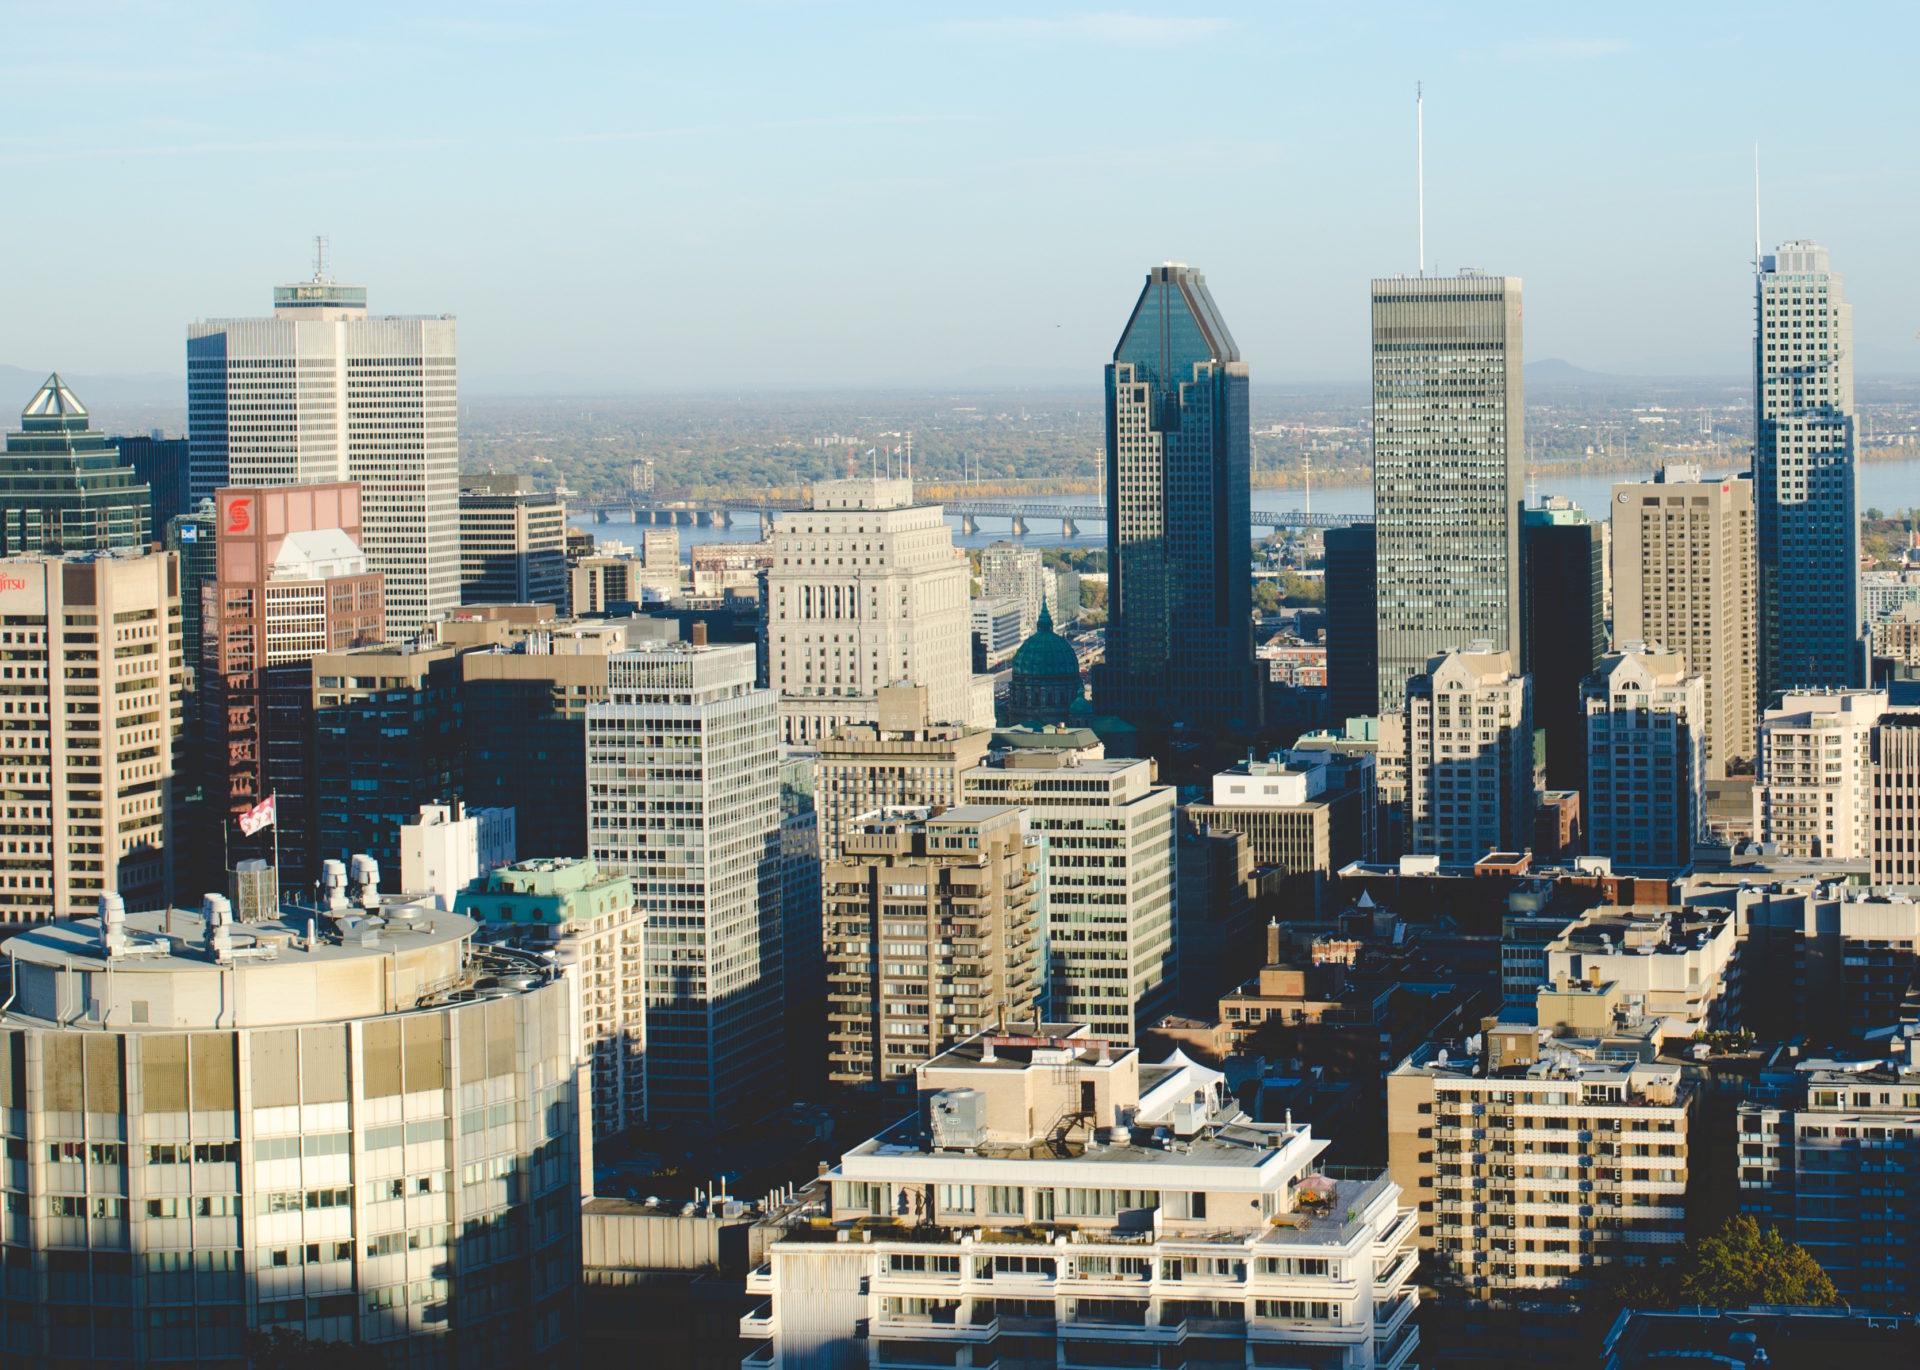 Fotografía del skyline de Montreal por Andrew Welch